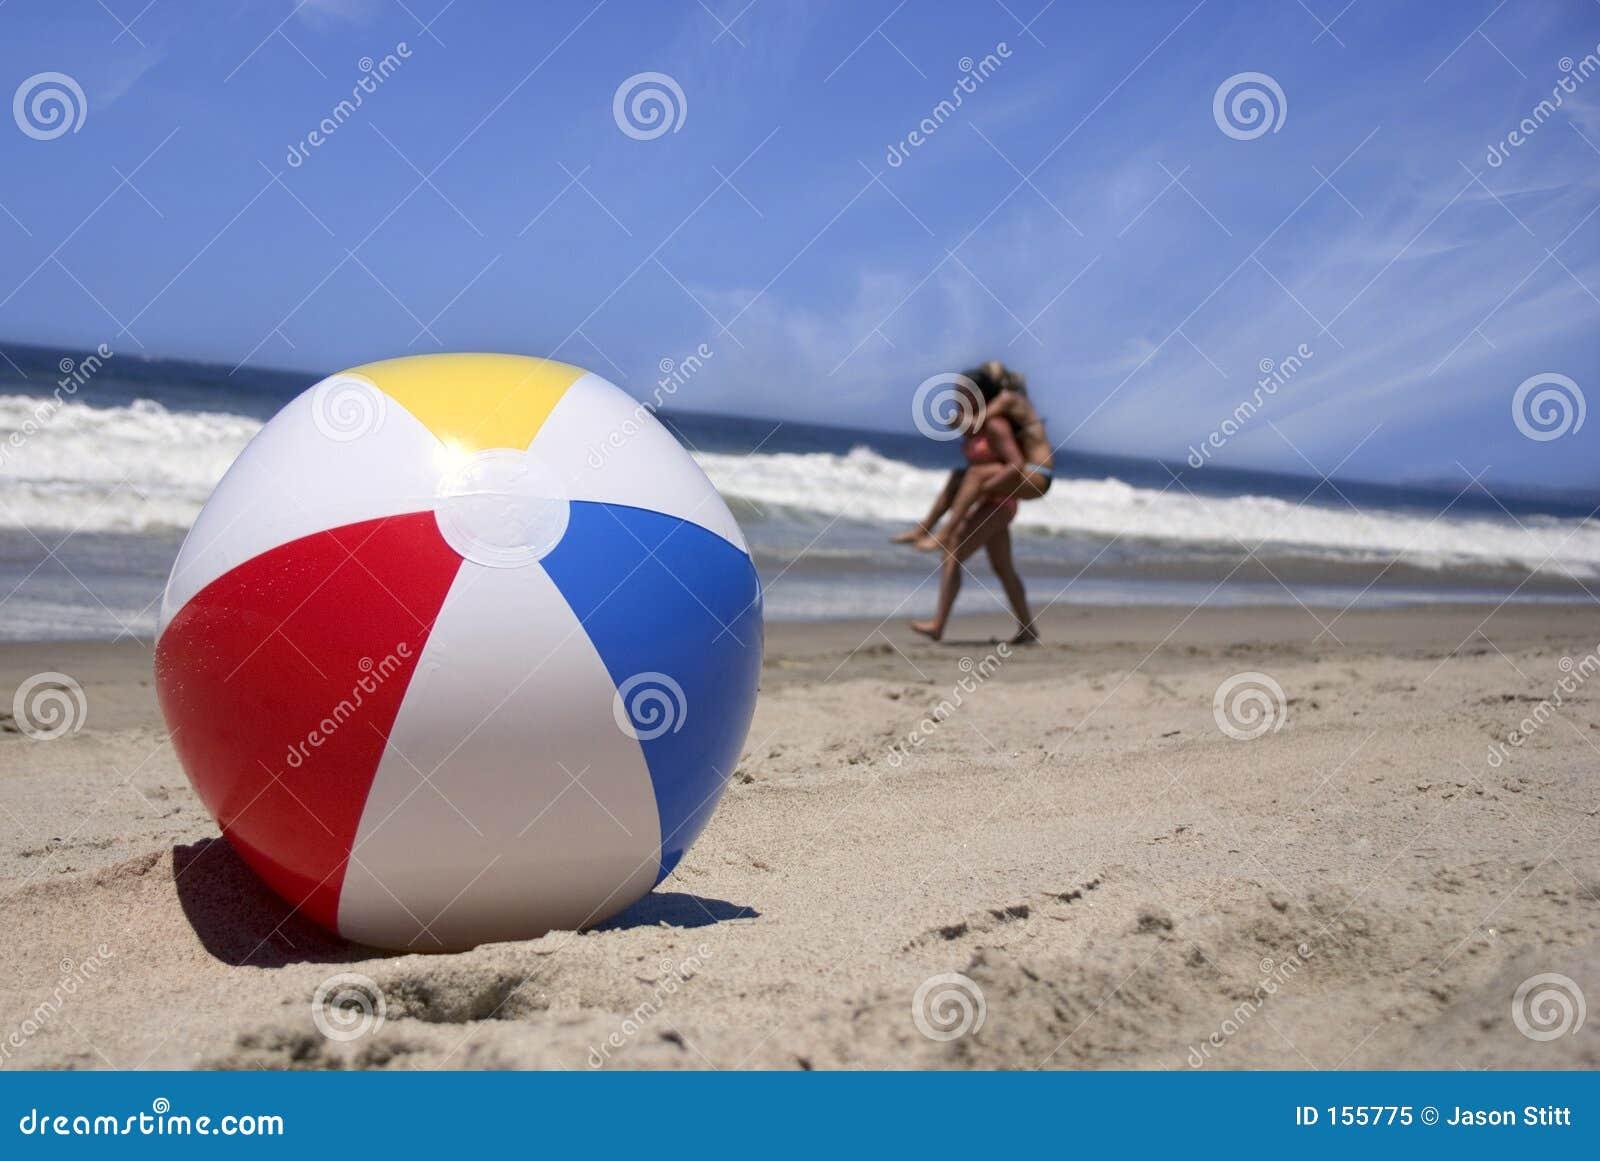 Bille de plage